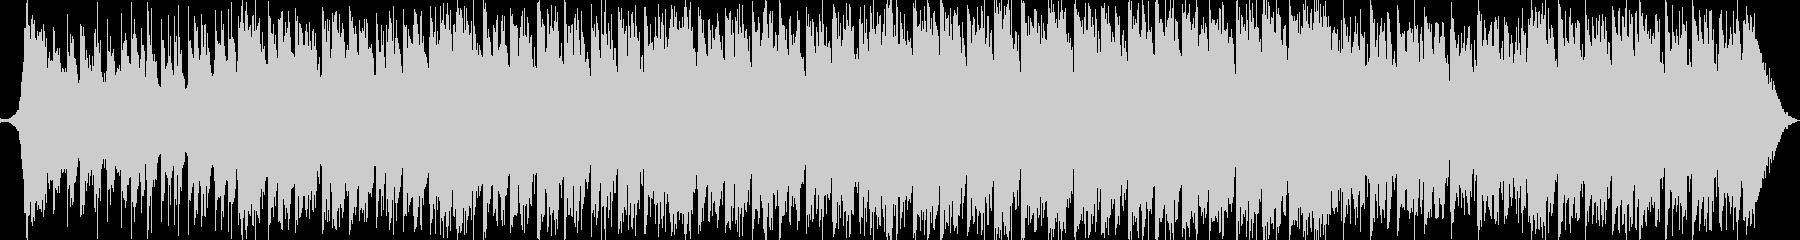 プログレッシブ 交響曲 バトル 焦...の未再生の波形